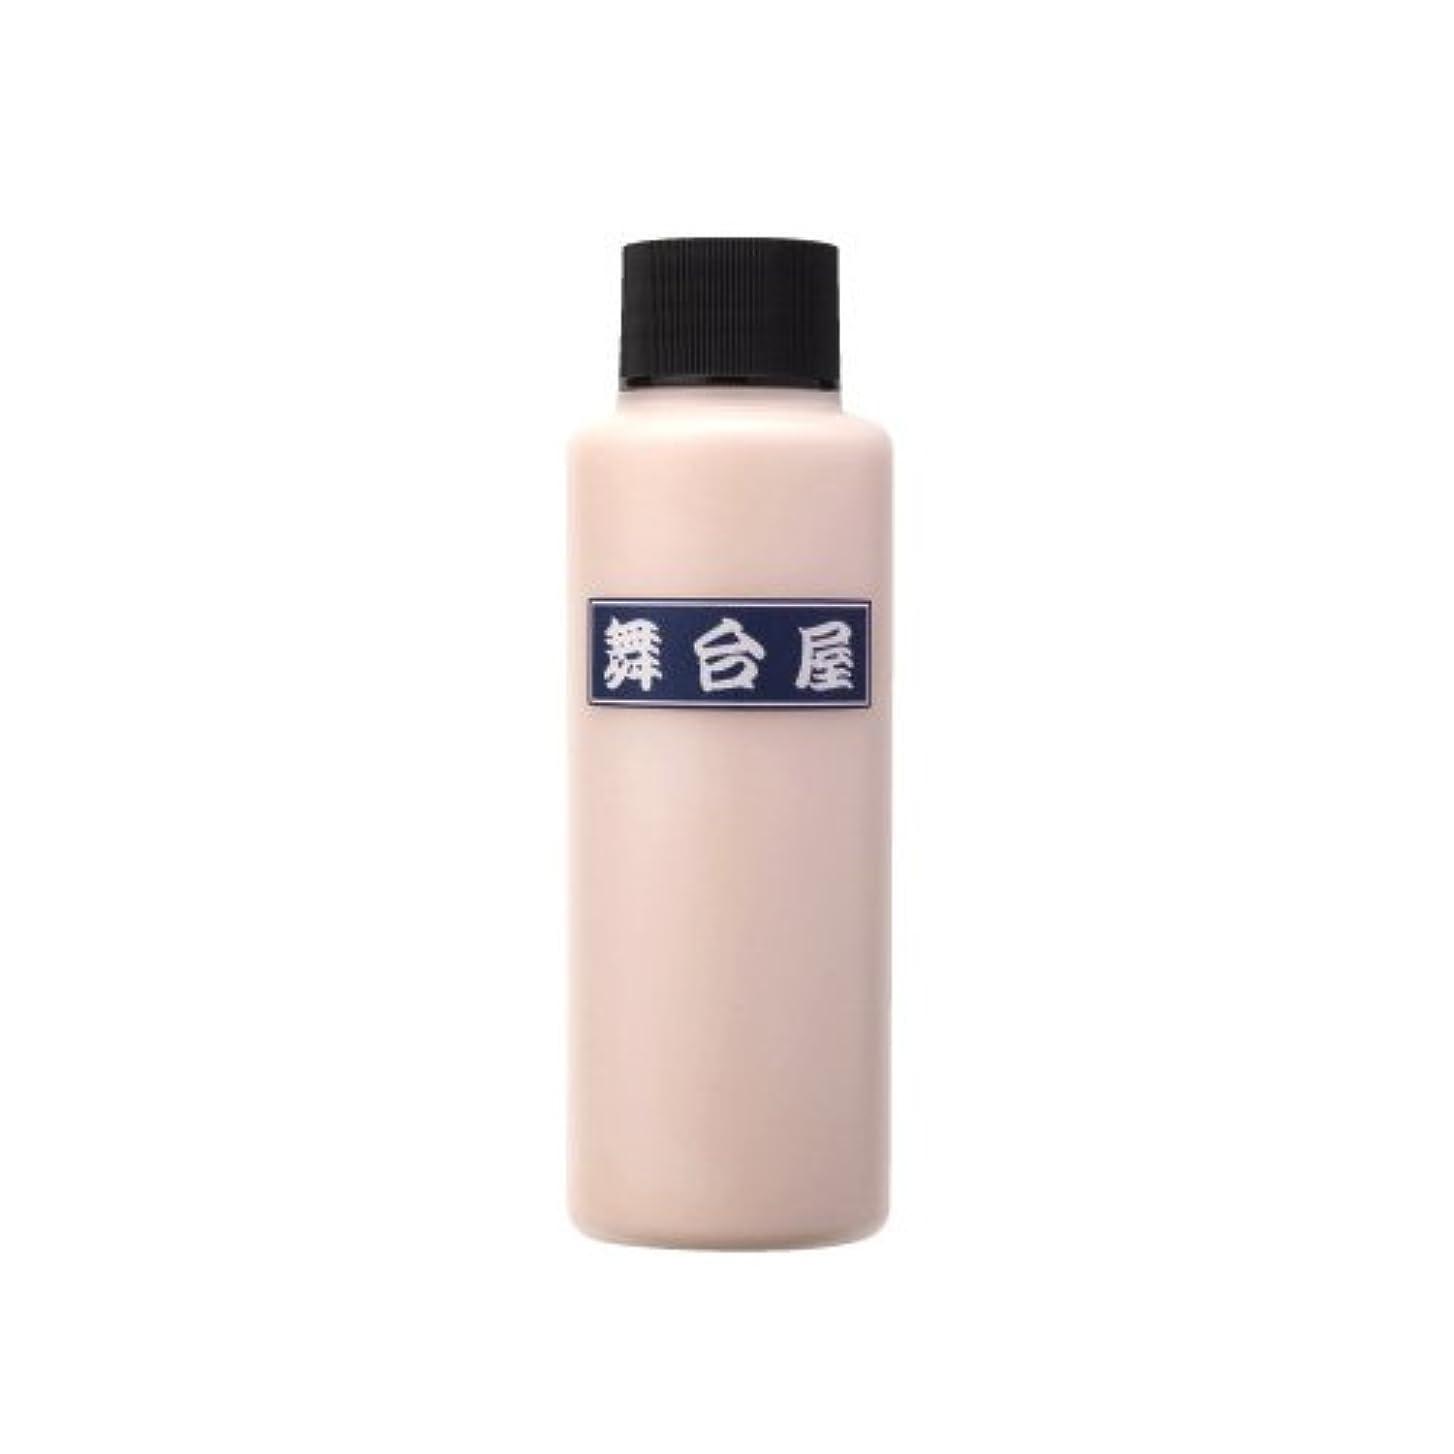 ストレージ誓約セブン舞台屋 水白粉 ピンク-3